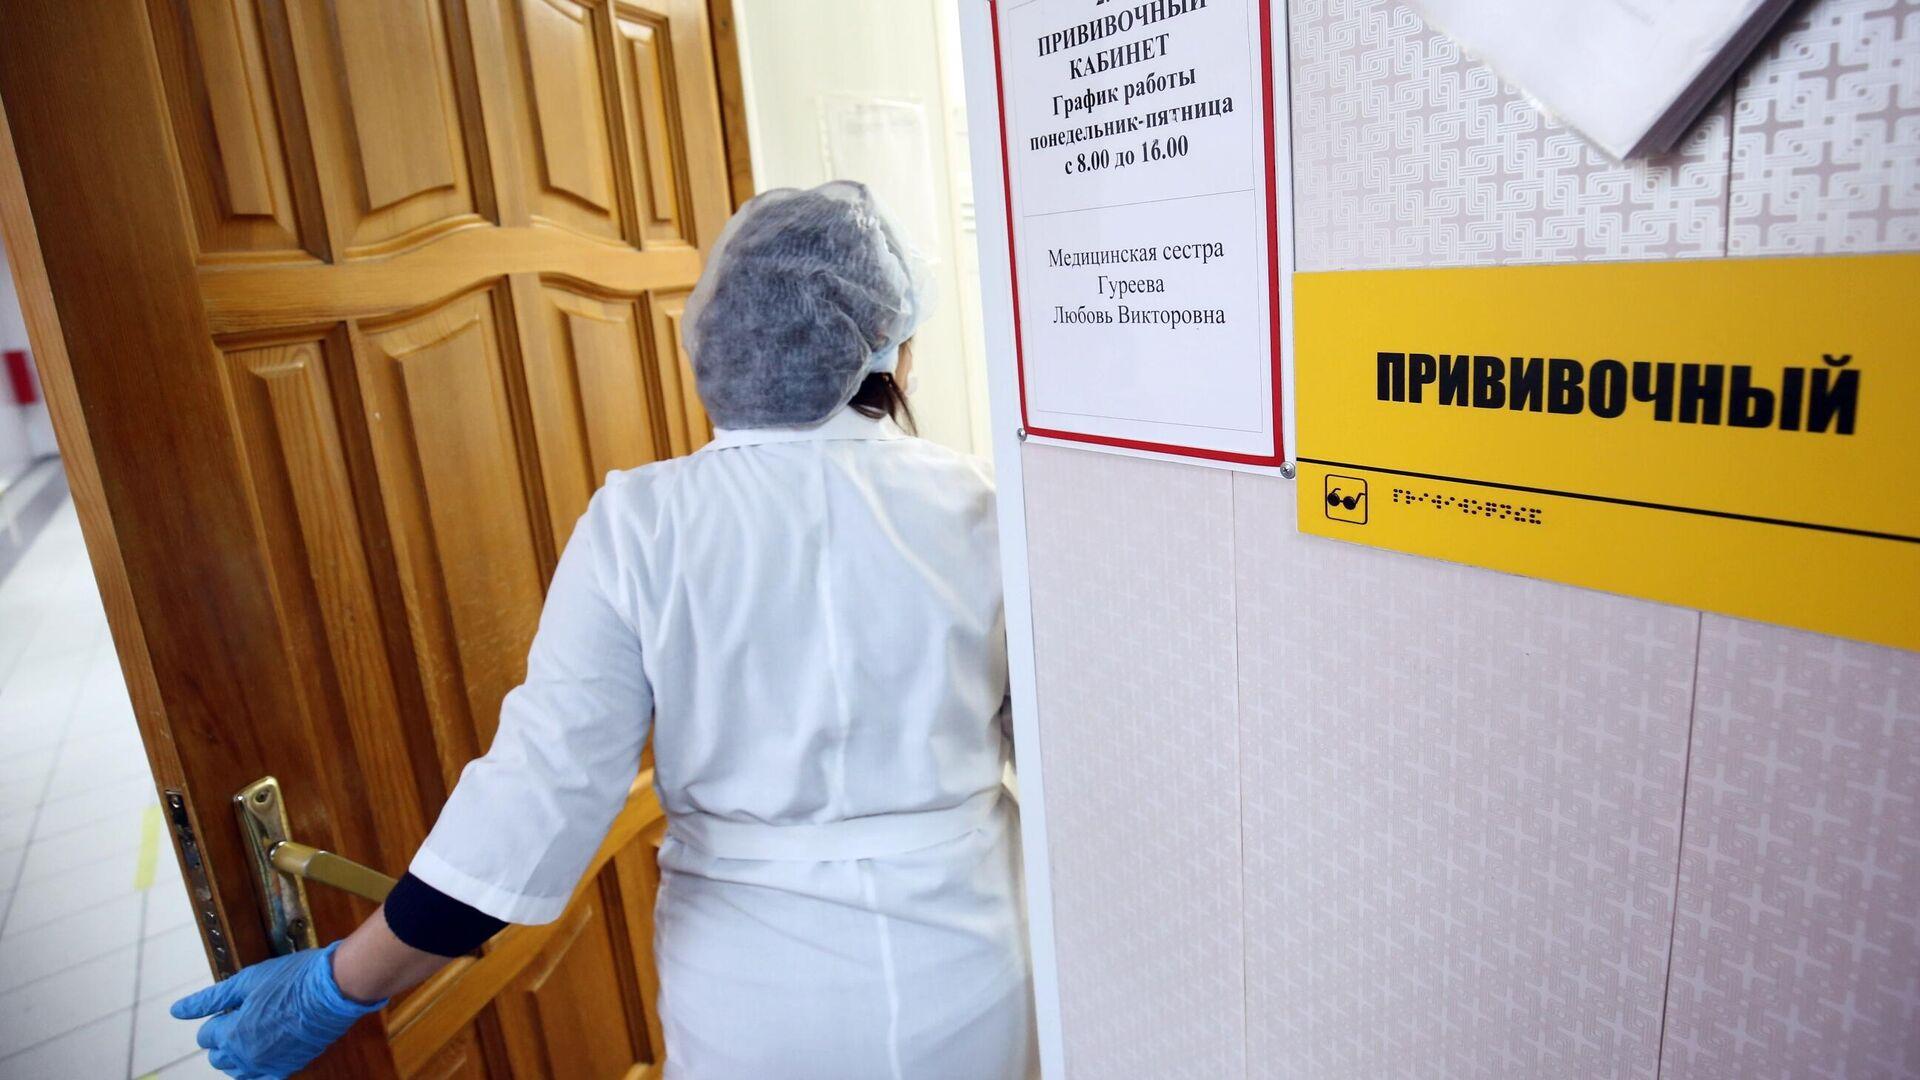 Прививочный кабинет в городской поликлинике № 2 в Волгограде - РИА Новости, 1920, 12.11.2020